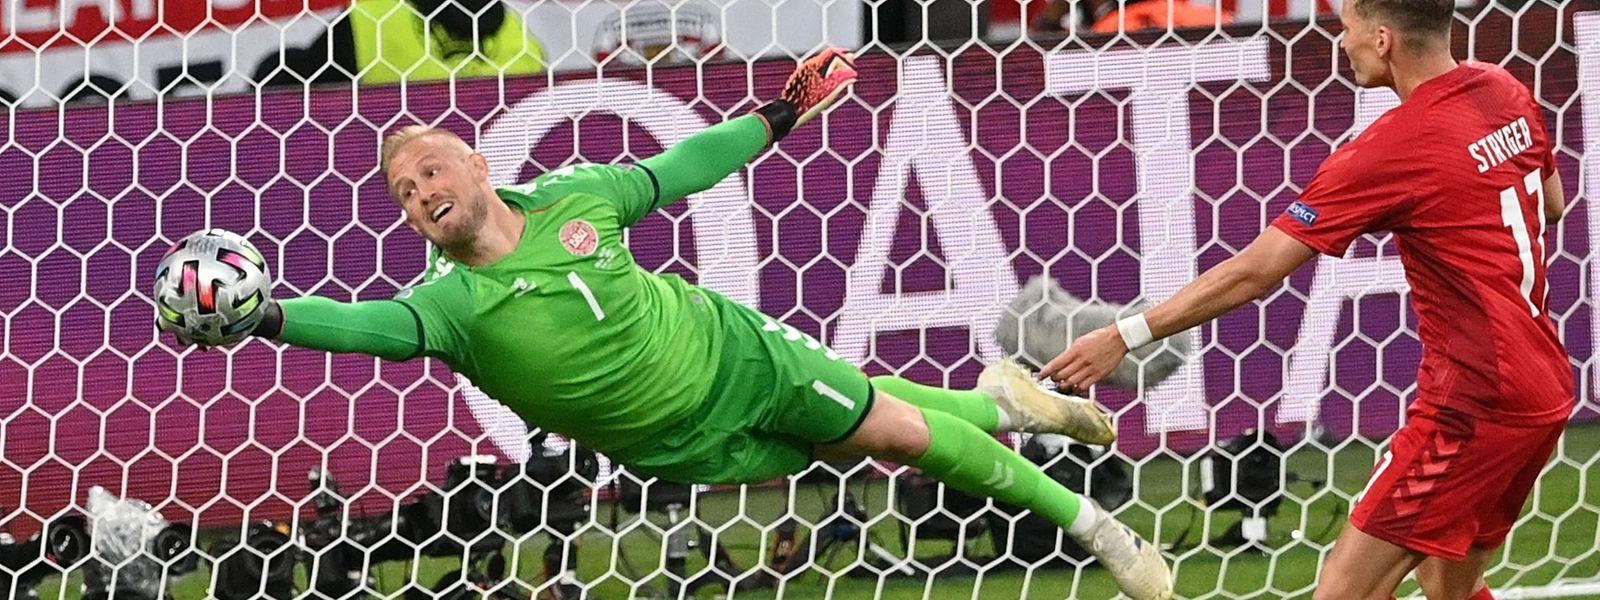 Le gardien danois Kasper Schmeichel a sorti le grand jeu, mercredi à Wembley. Cela n'a pas suffi.